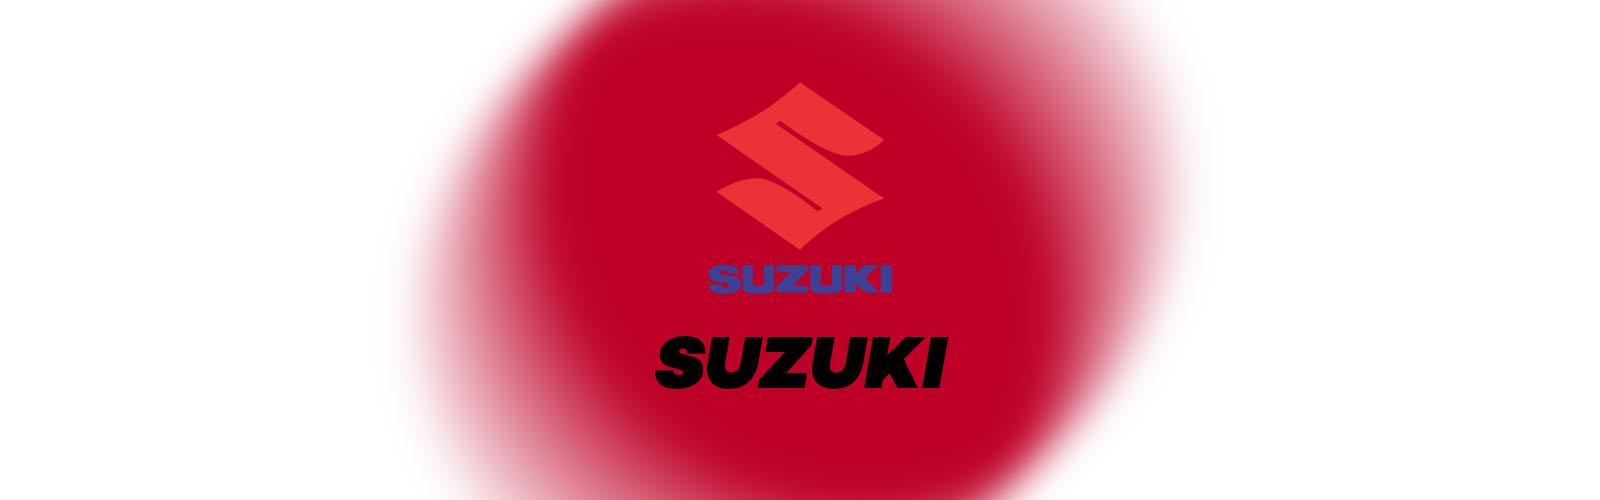 suzuki logo marque